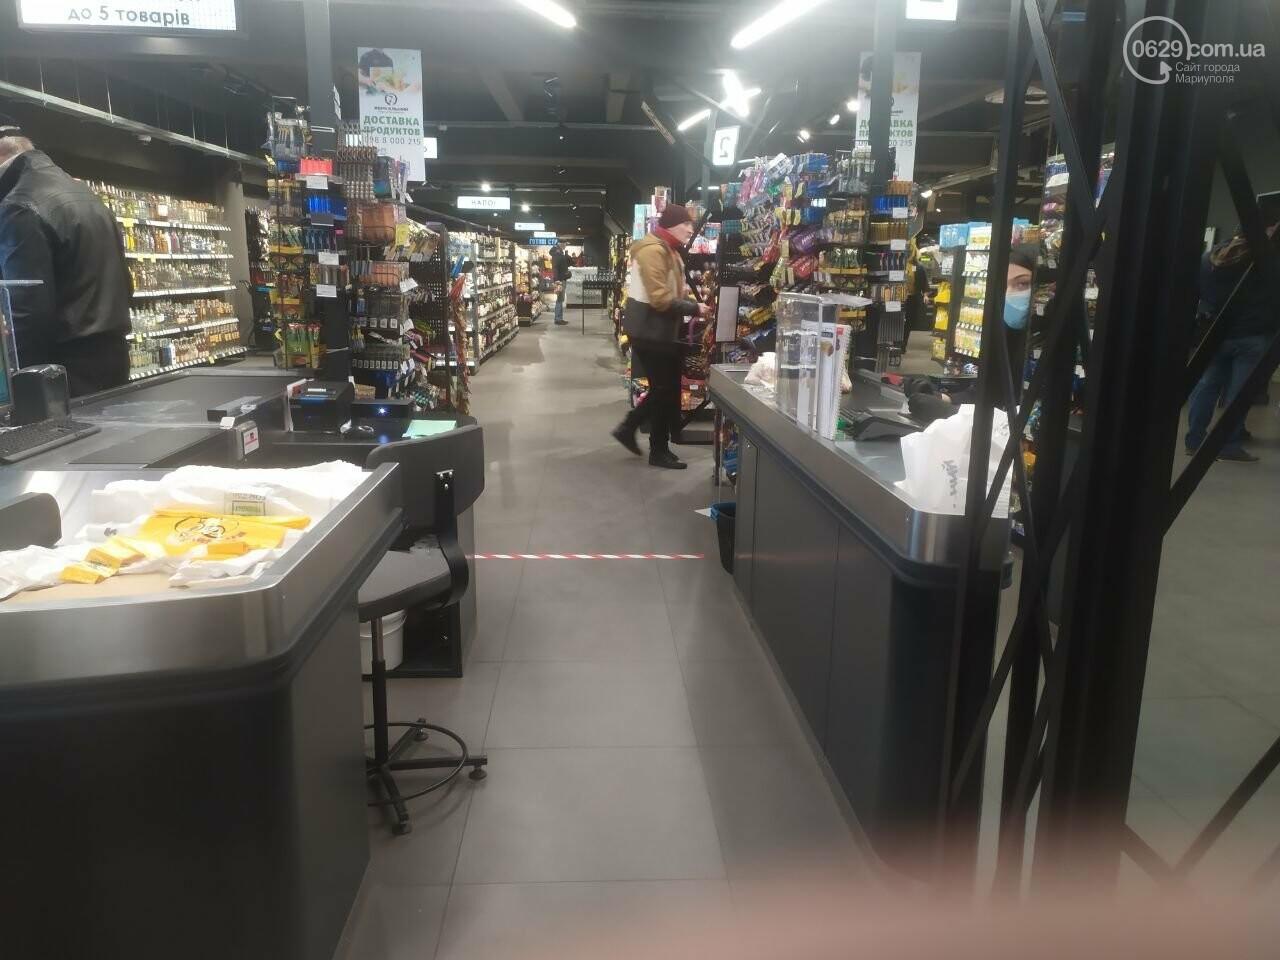 Разметка, санитайзеры и защитная пленка. Как в Мариуполе предприятия и магазины заботятся о своих сотрудниках. - ФОТО, фото-1